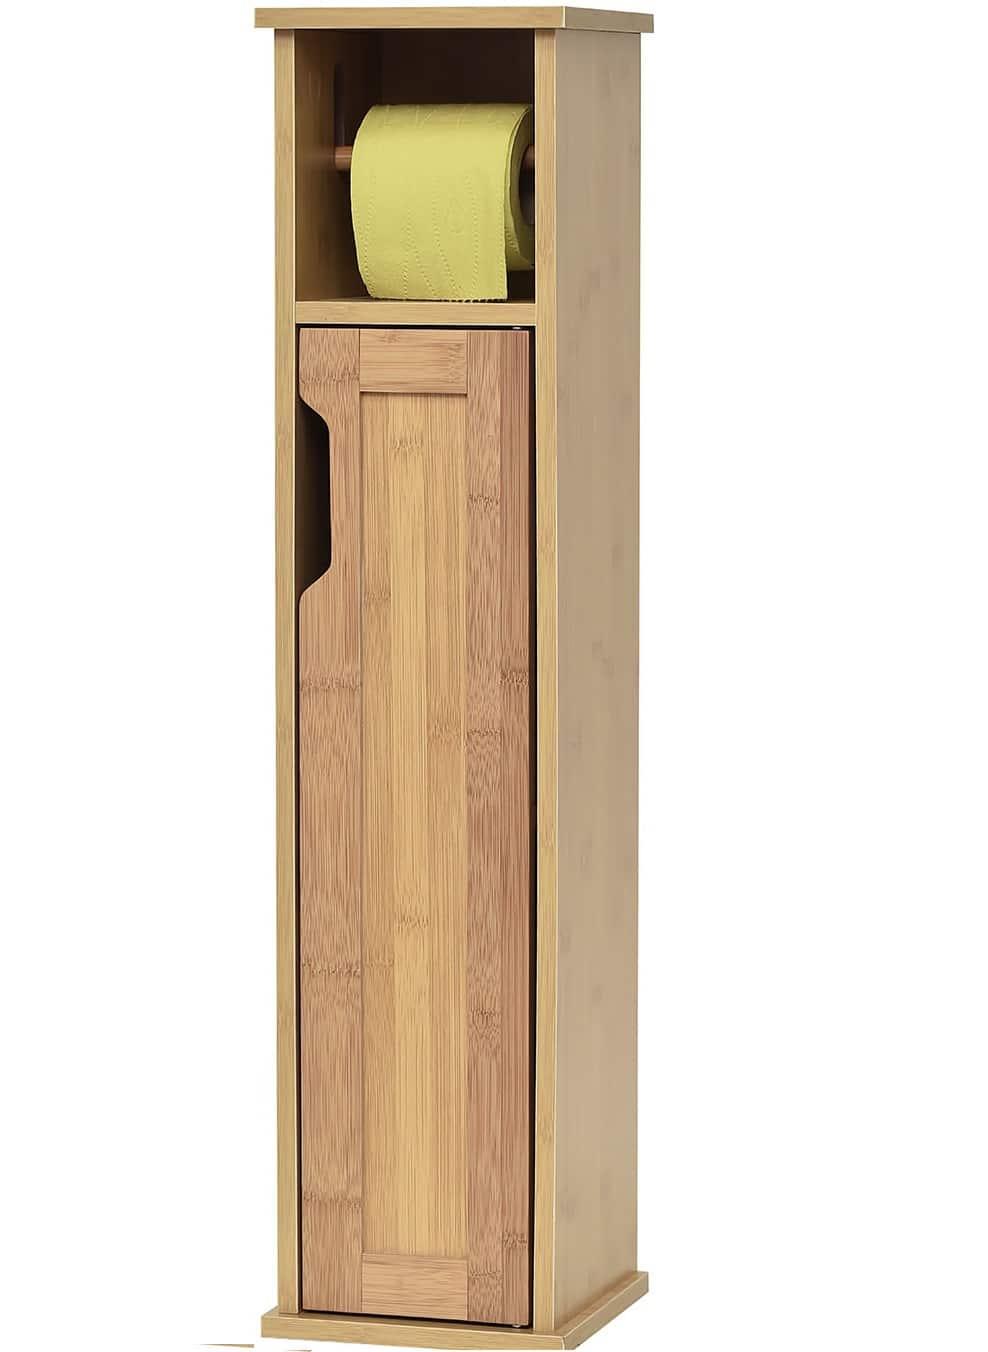 Toiletrolhouder met toiletroldispenser Mahe - 18x18x75 cm - Bruin